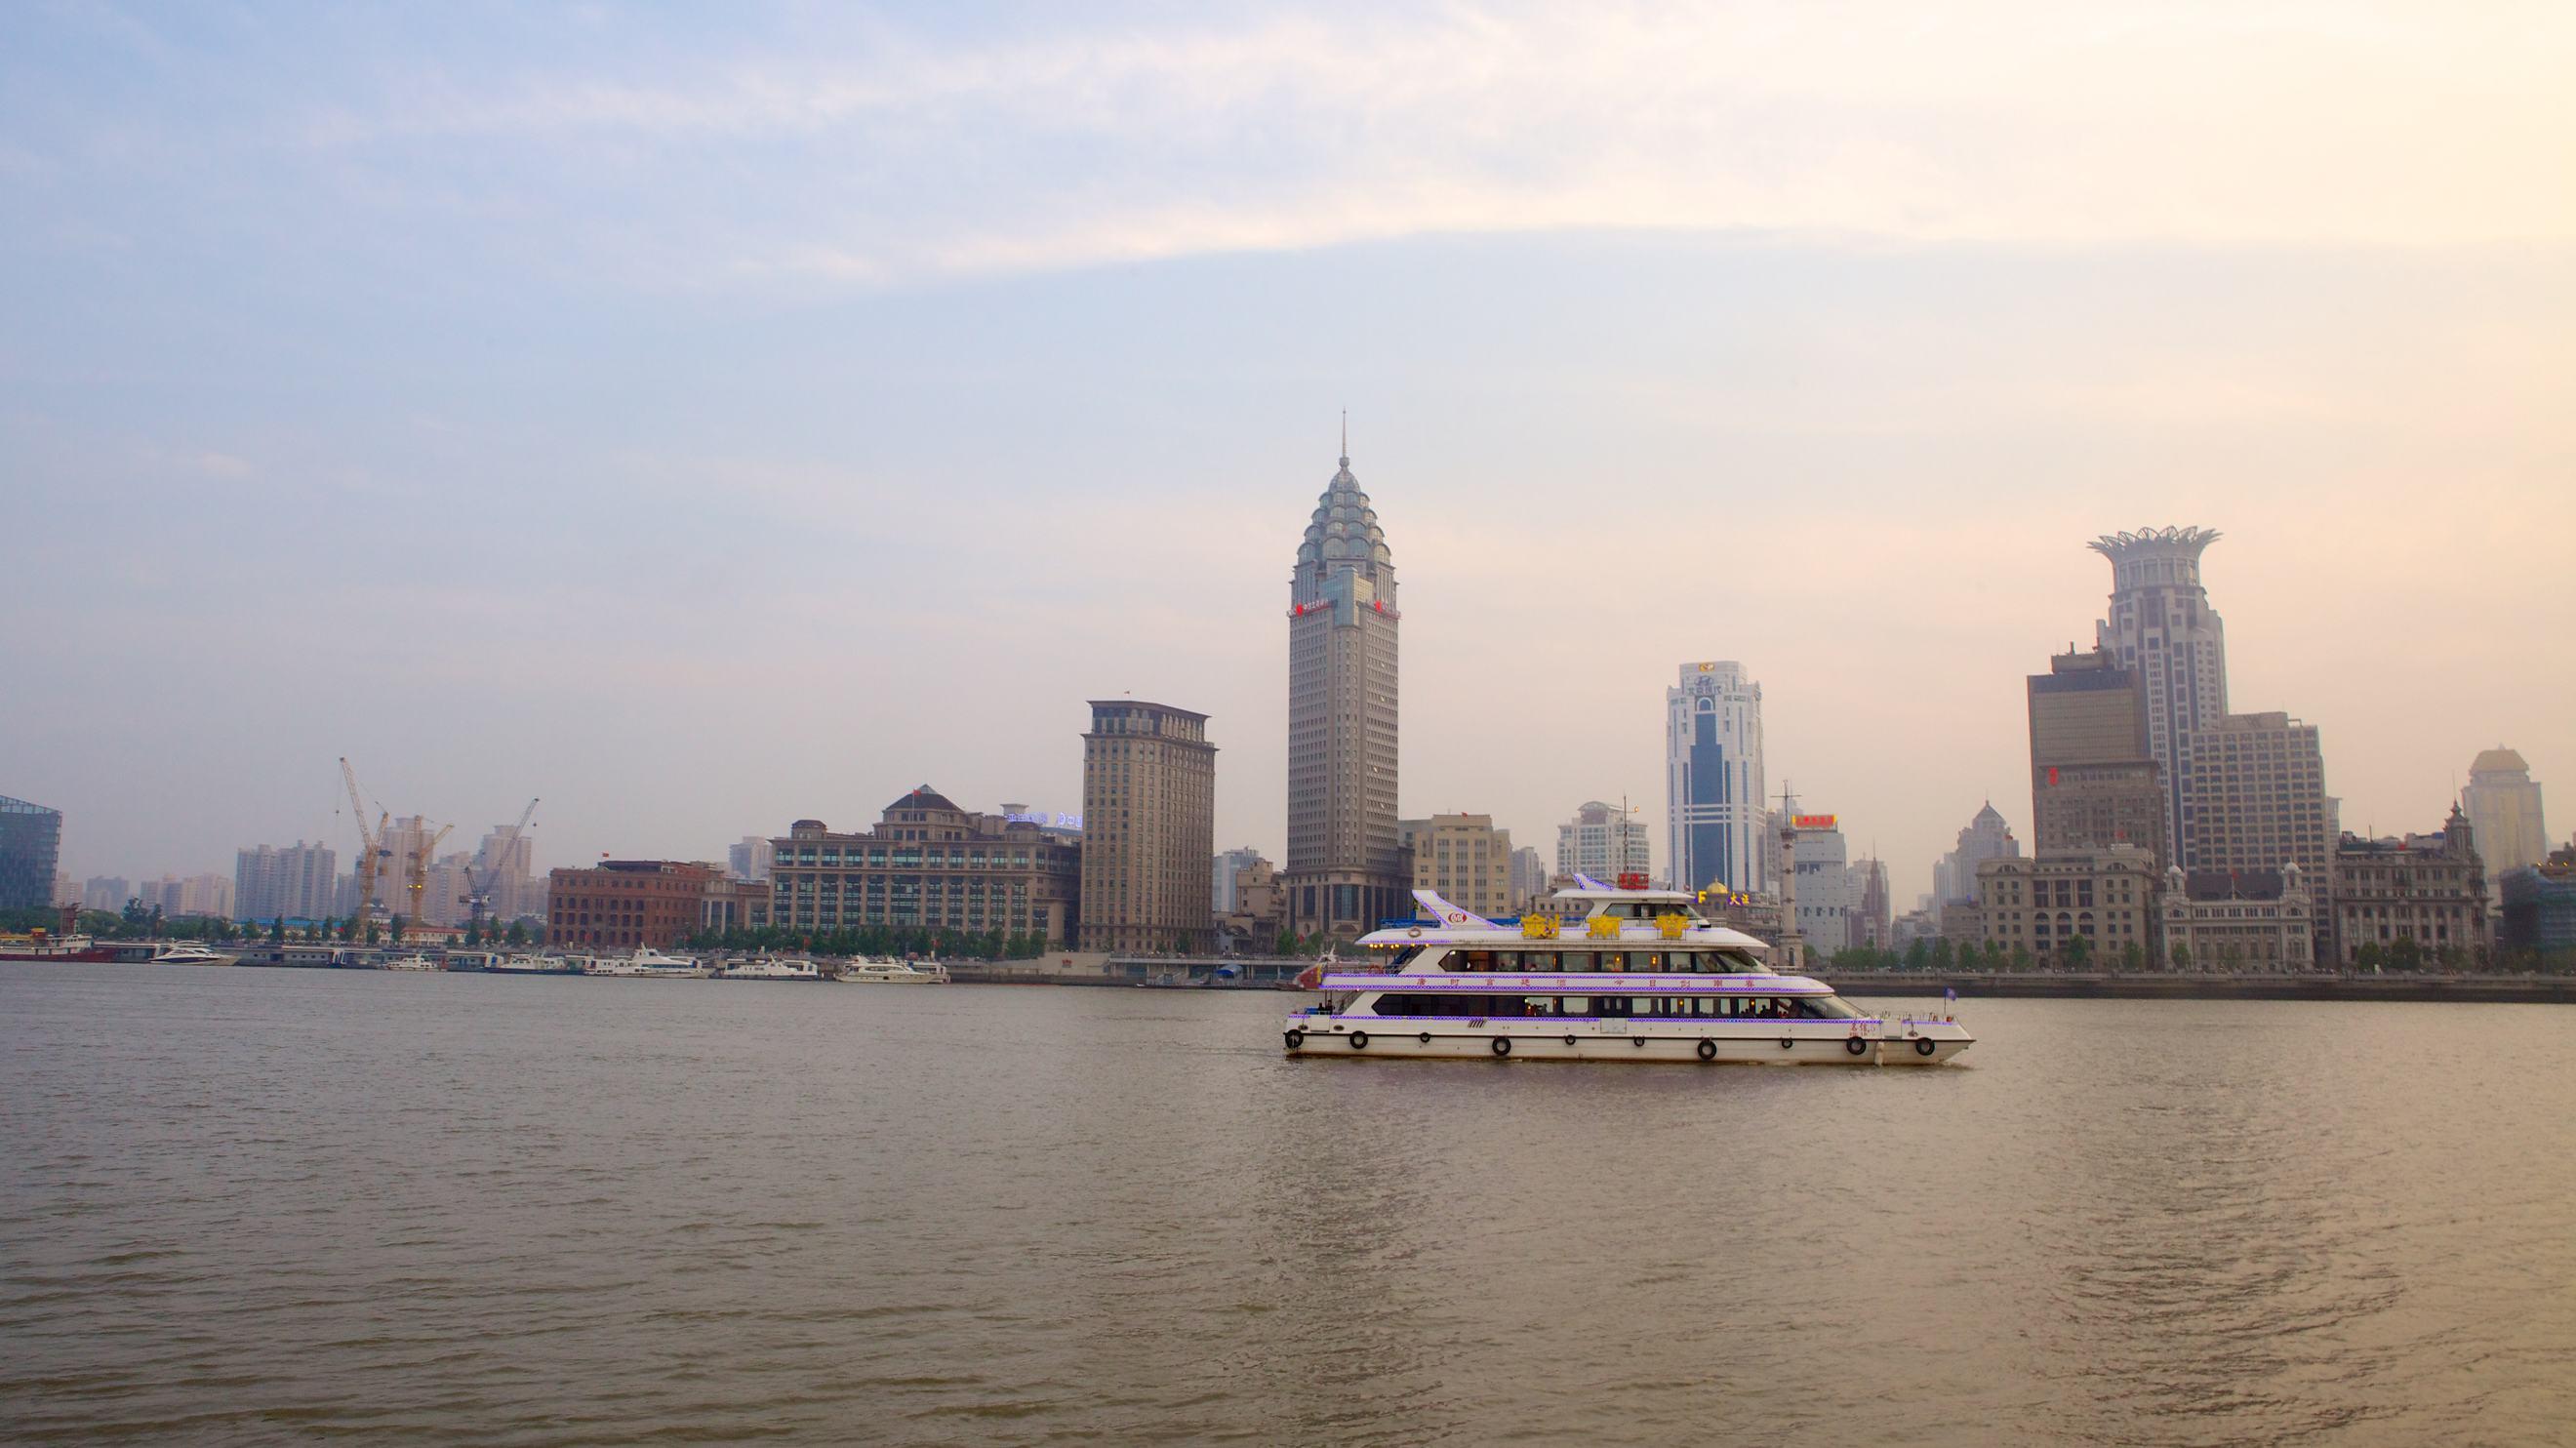 上海 でおすすめのホテルtop10 - 格安ホテル予約 | エクスペディア